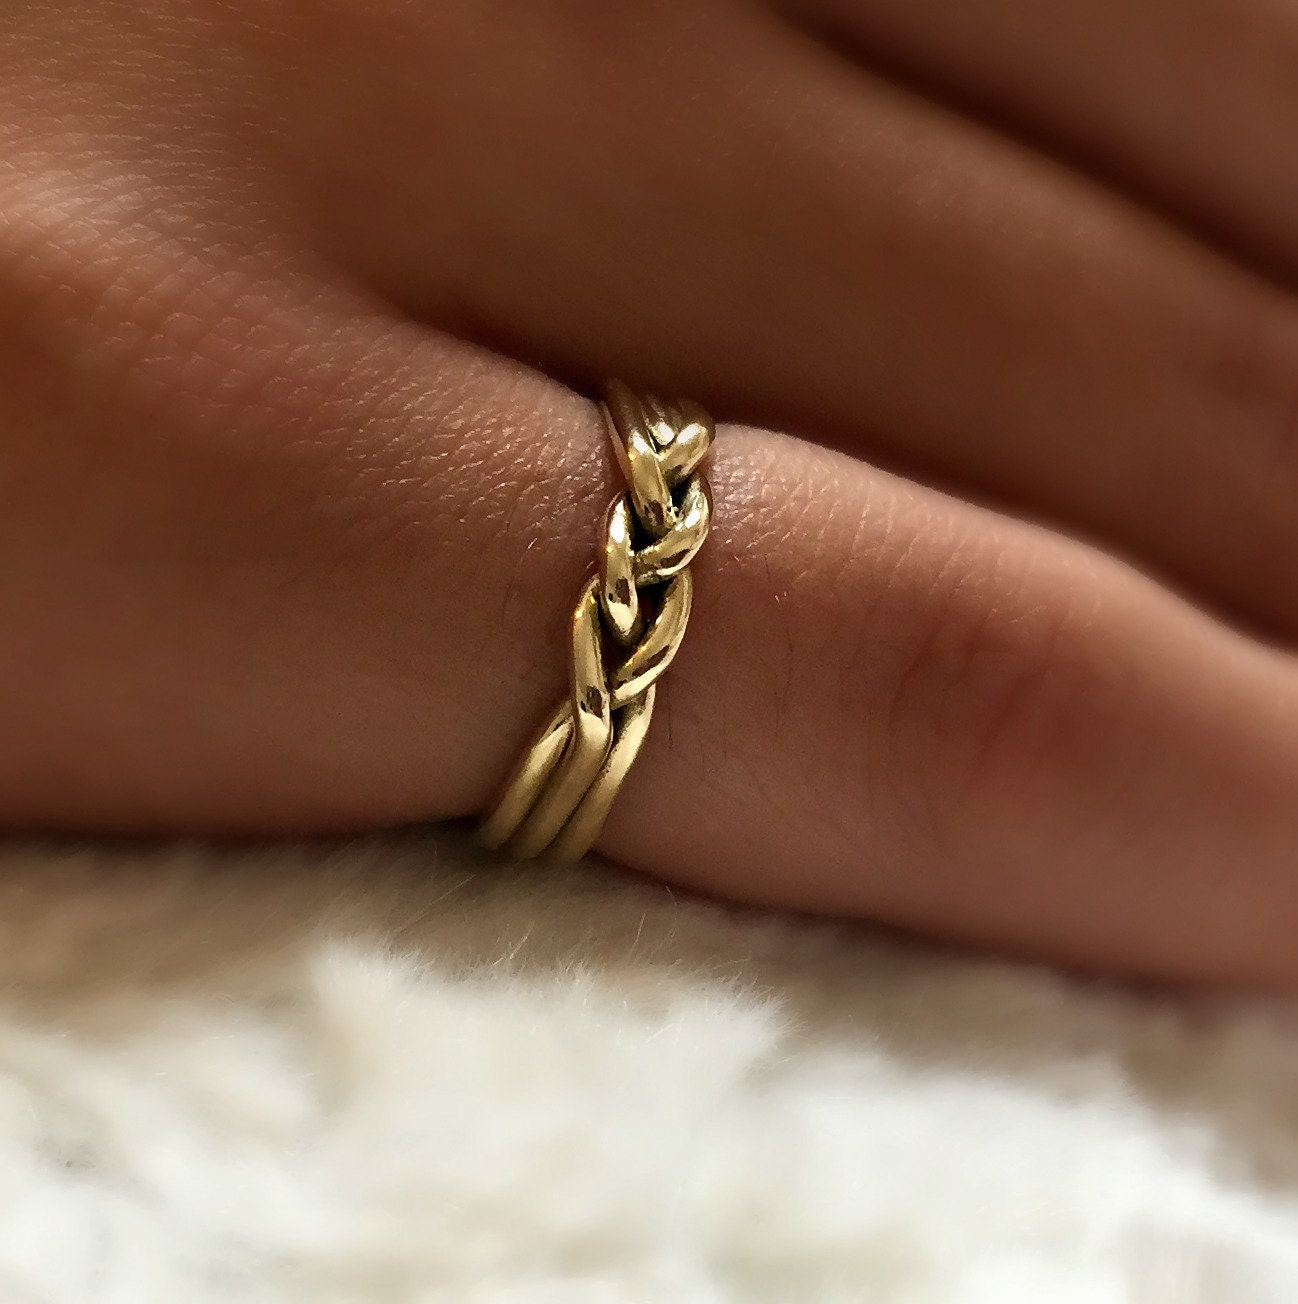 14 karat gold ring Gold wedding ring Braided wedding ring